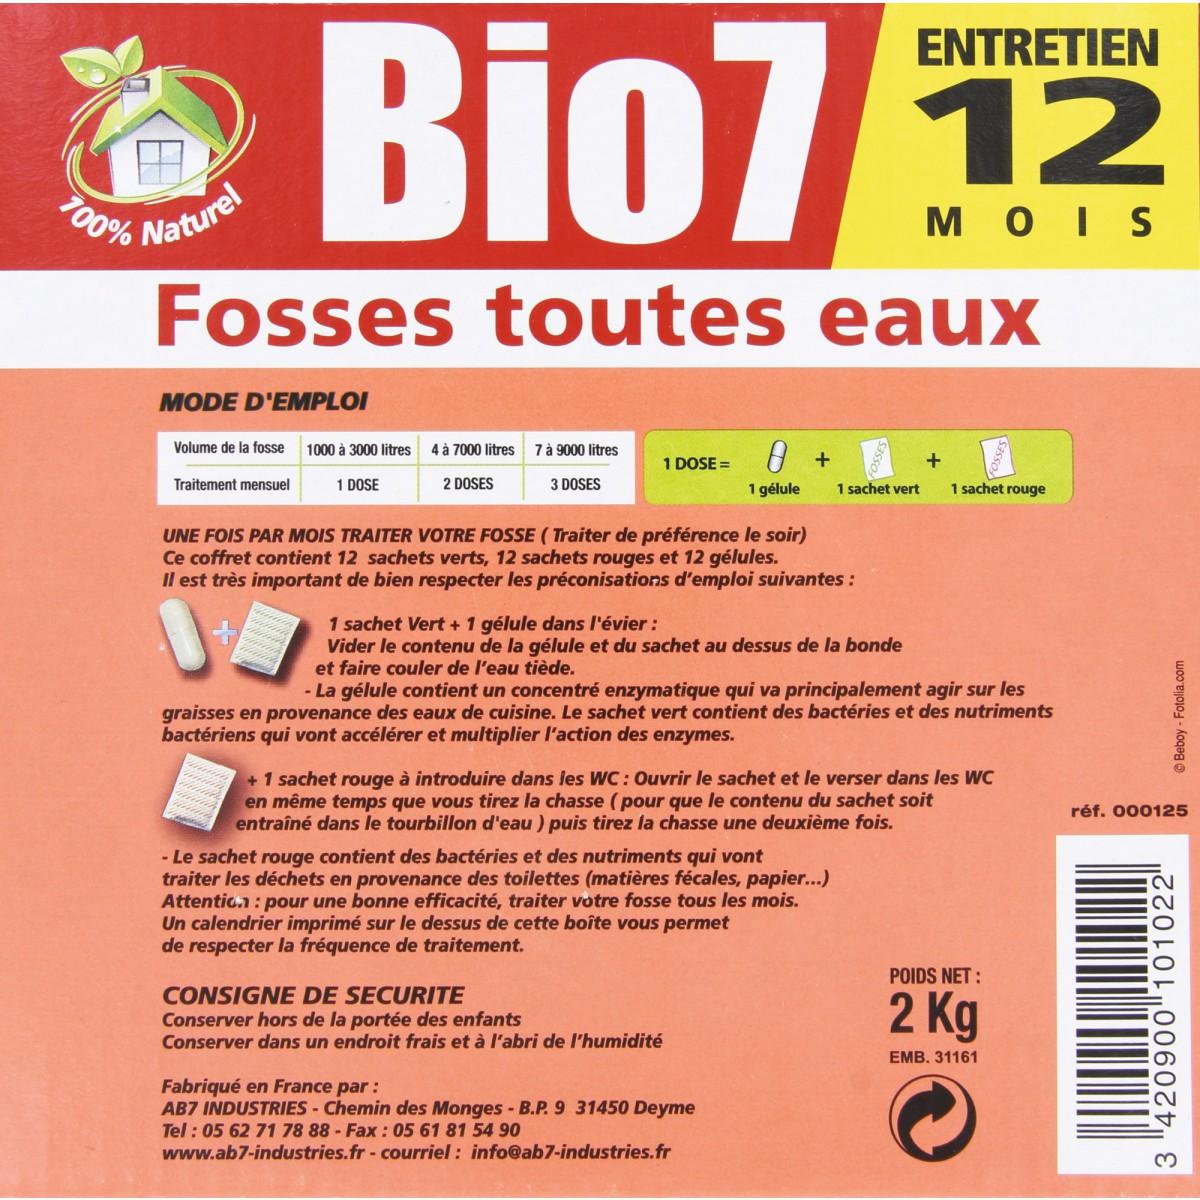 Bio 7 fosses toutes eaux ecog ne 12 doses de entretien - Fosse septique entretien ...